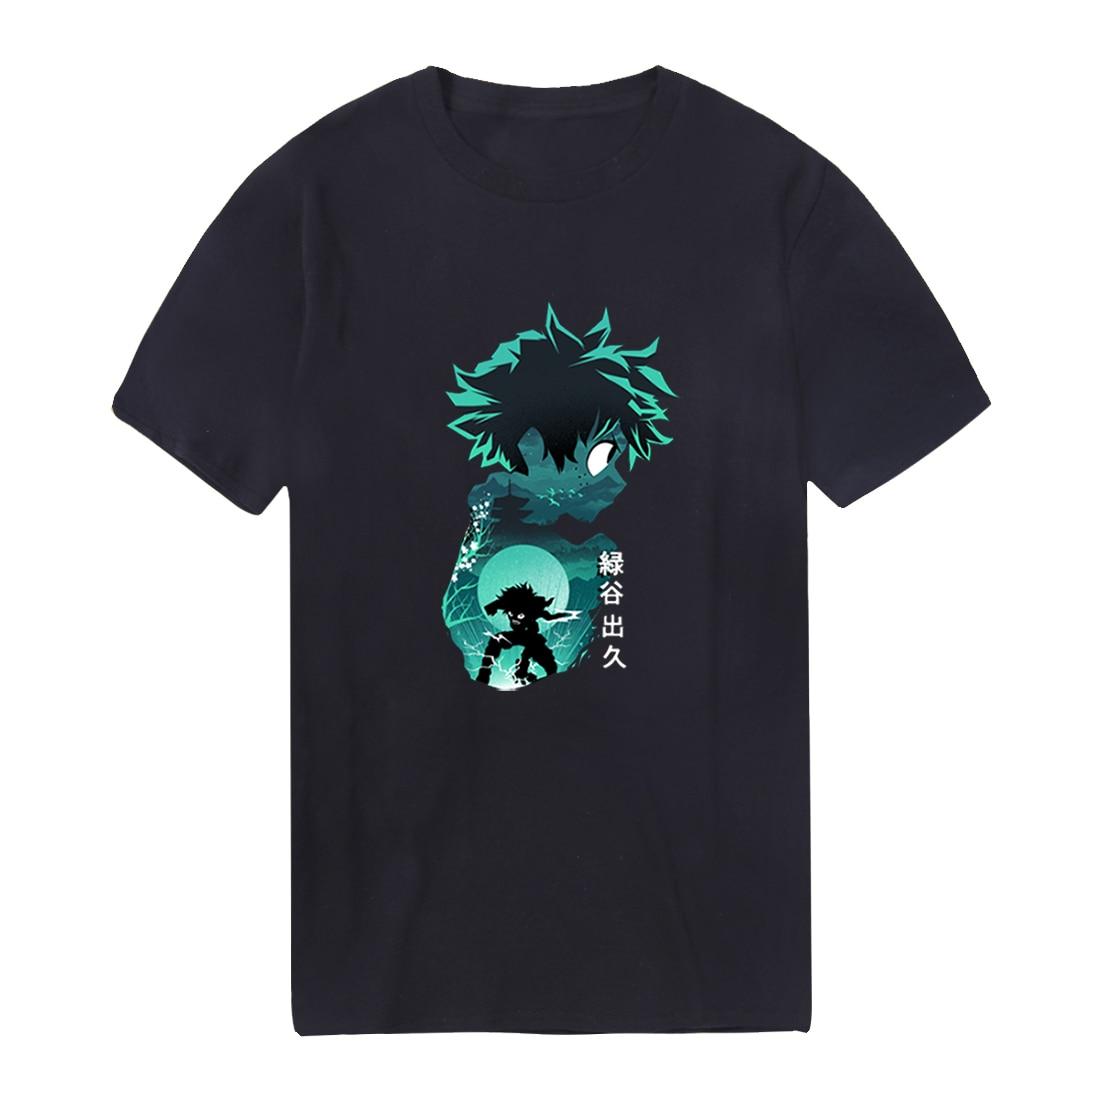 Camisetas para hombre My Hero Academy, camisetas holgadas de algodón de Hip Hop de verano para hombre, camisetas de Cosplay para exteriores, camisetas estilo Punk para hombre